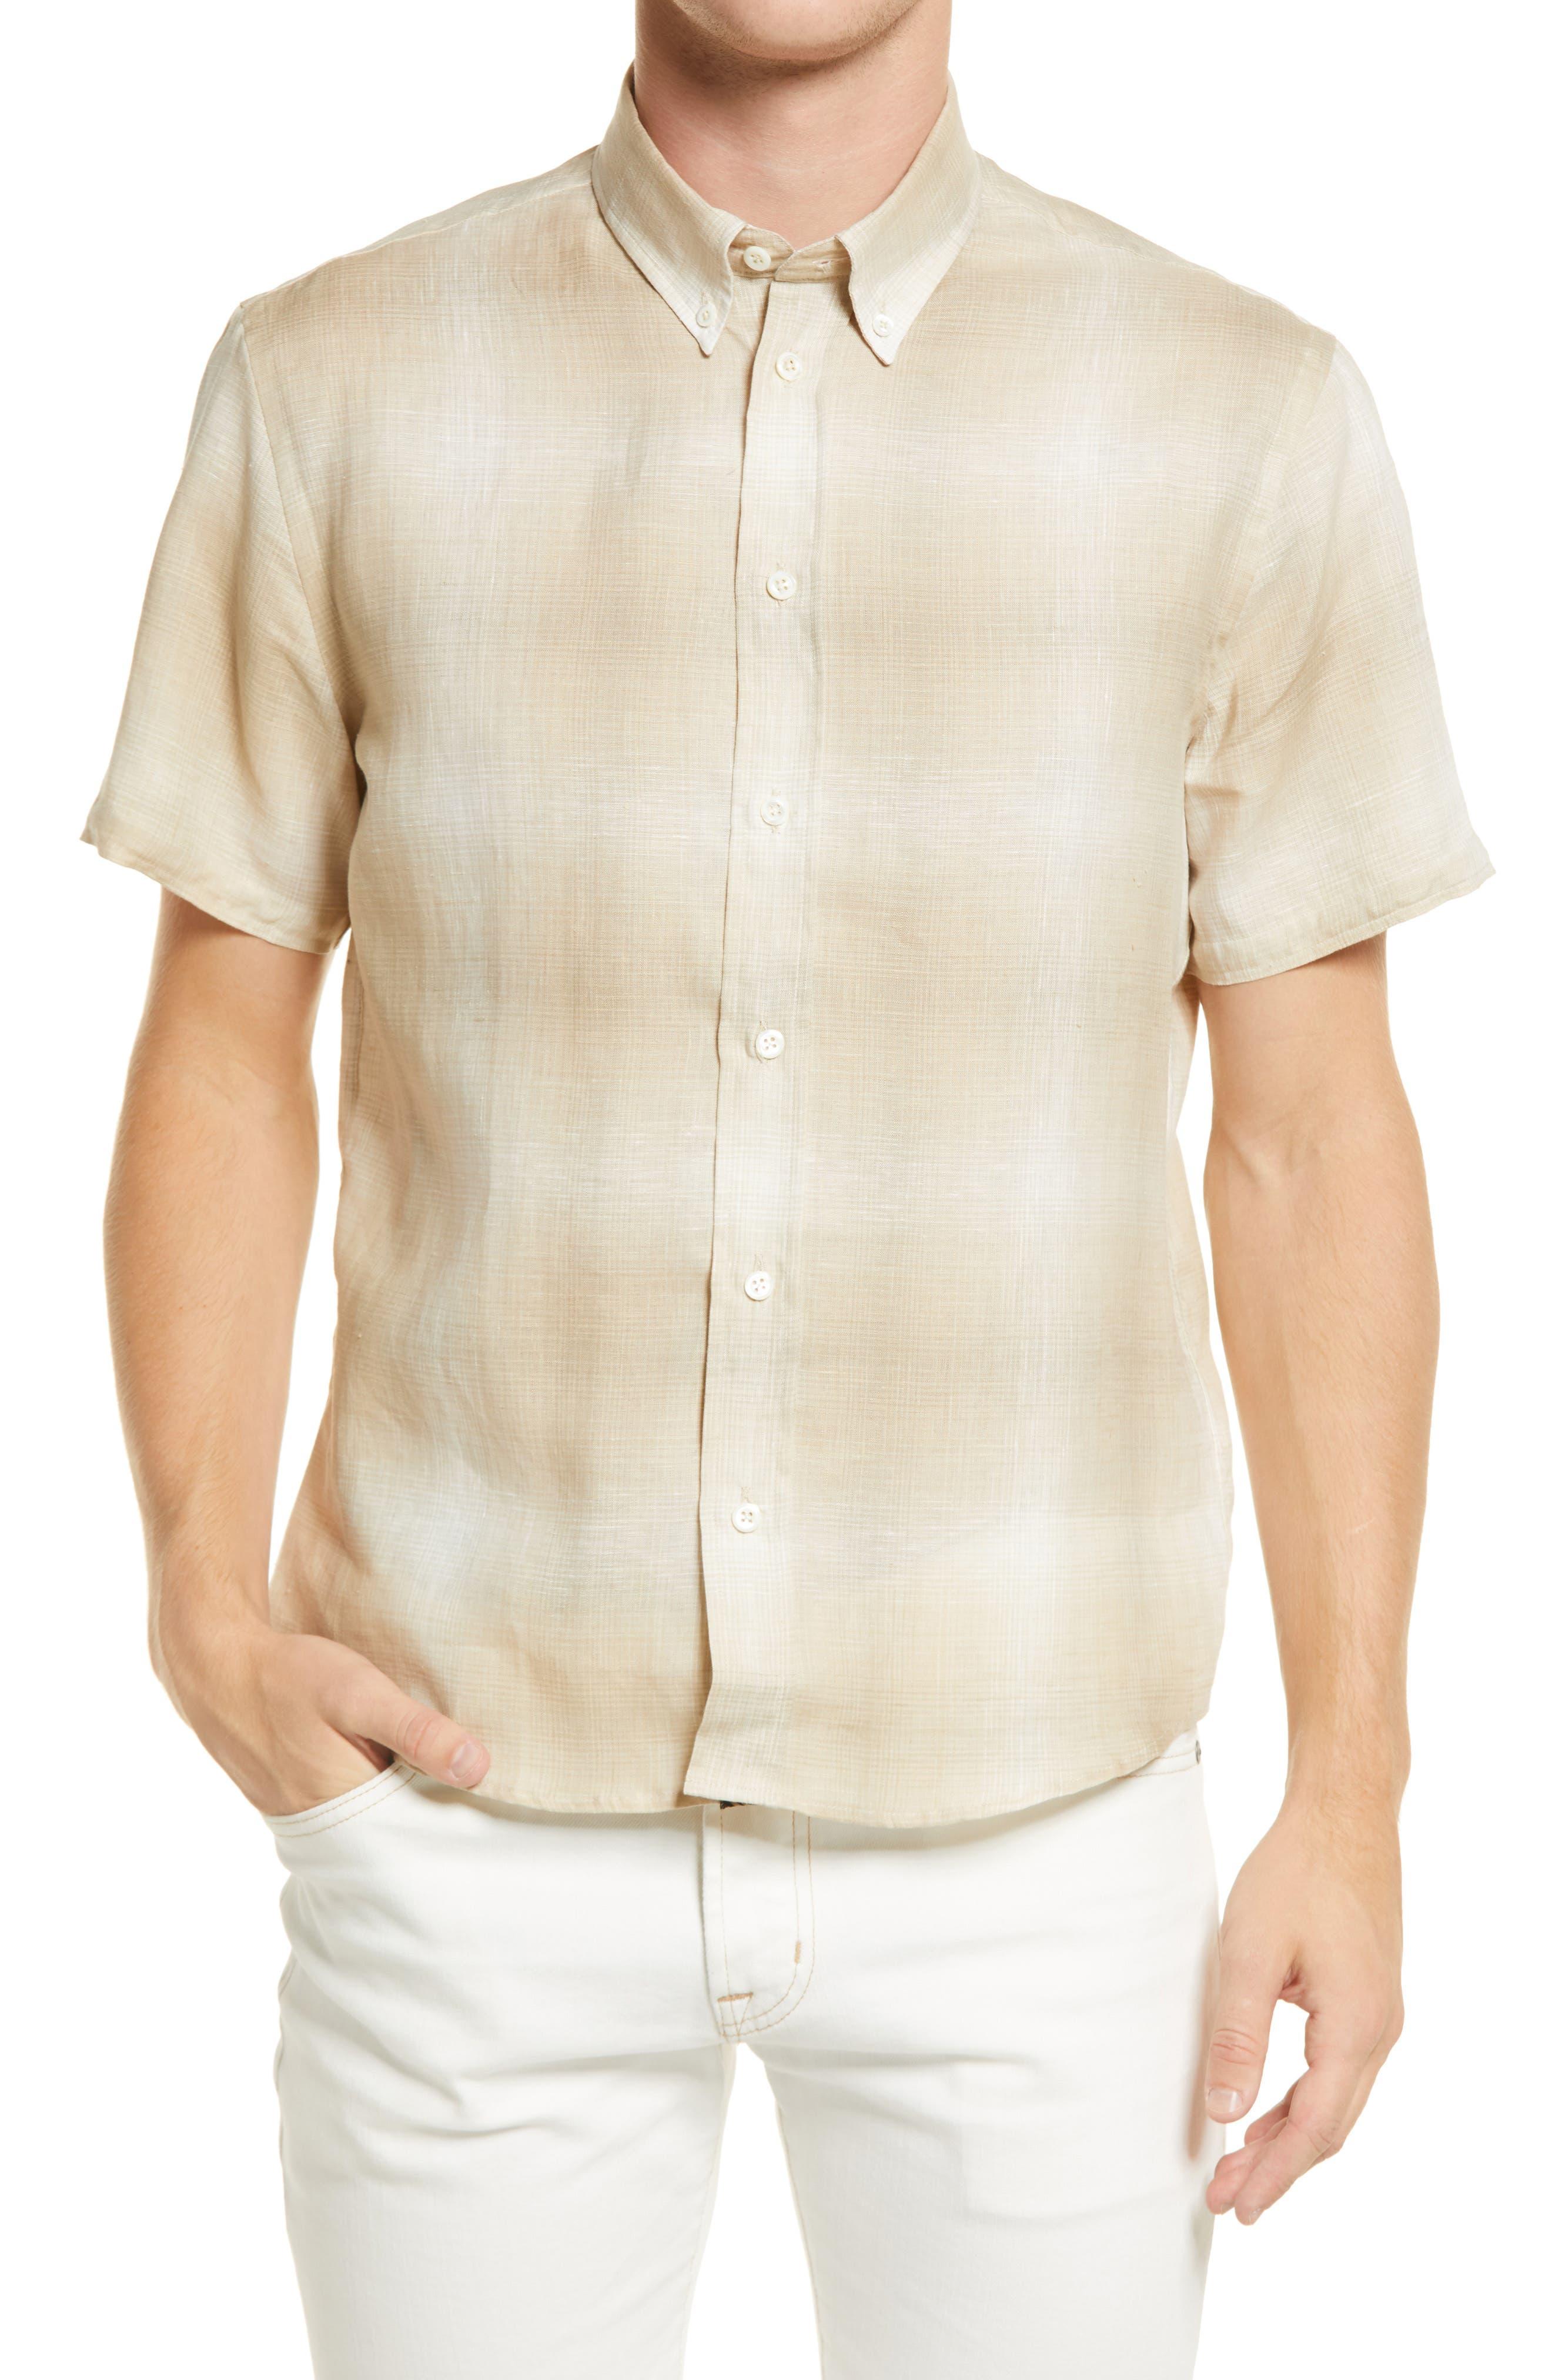 Murphy Check Short Sleeve Linen Button-Down Shirt